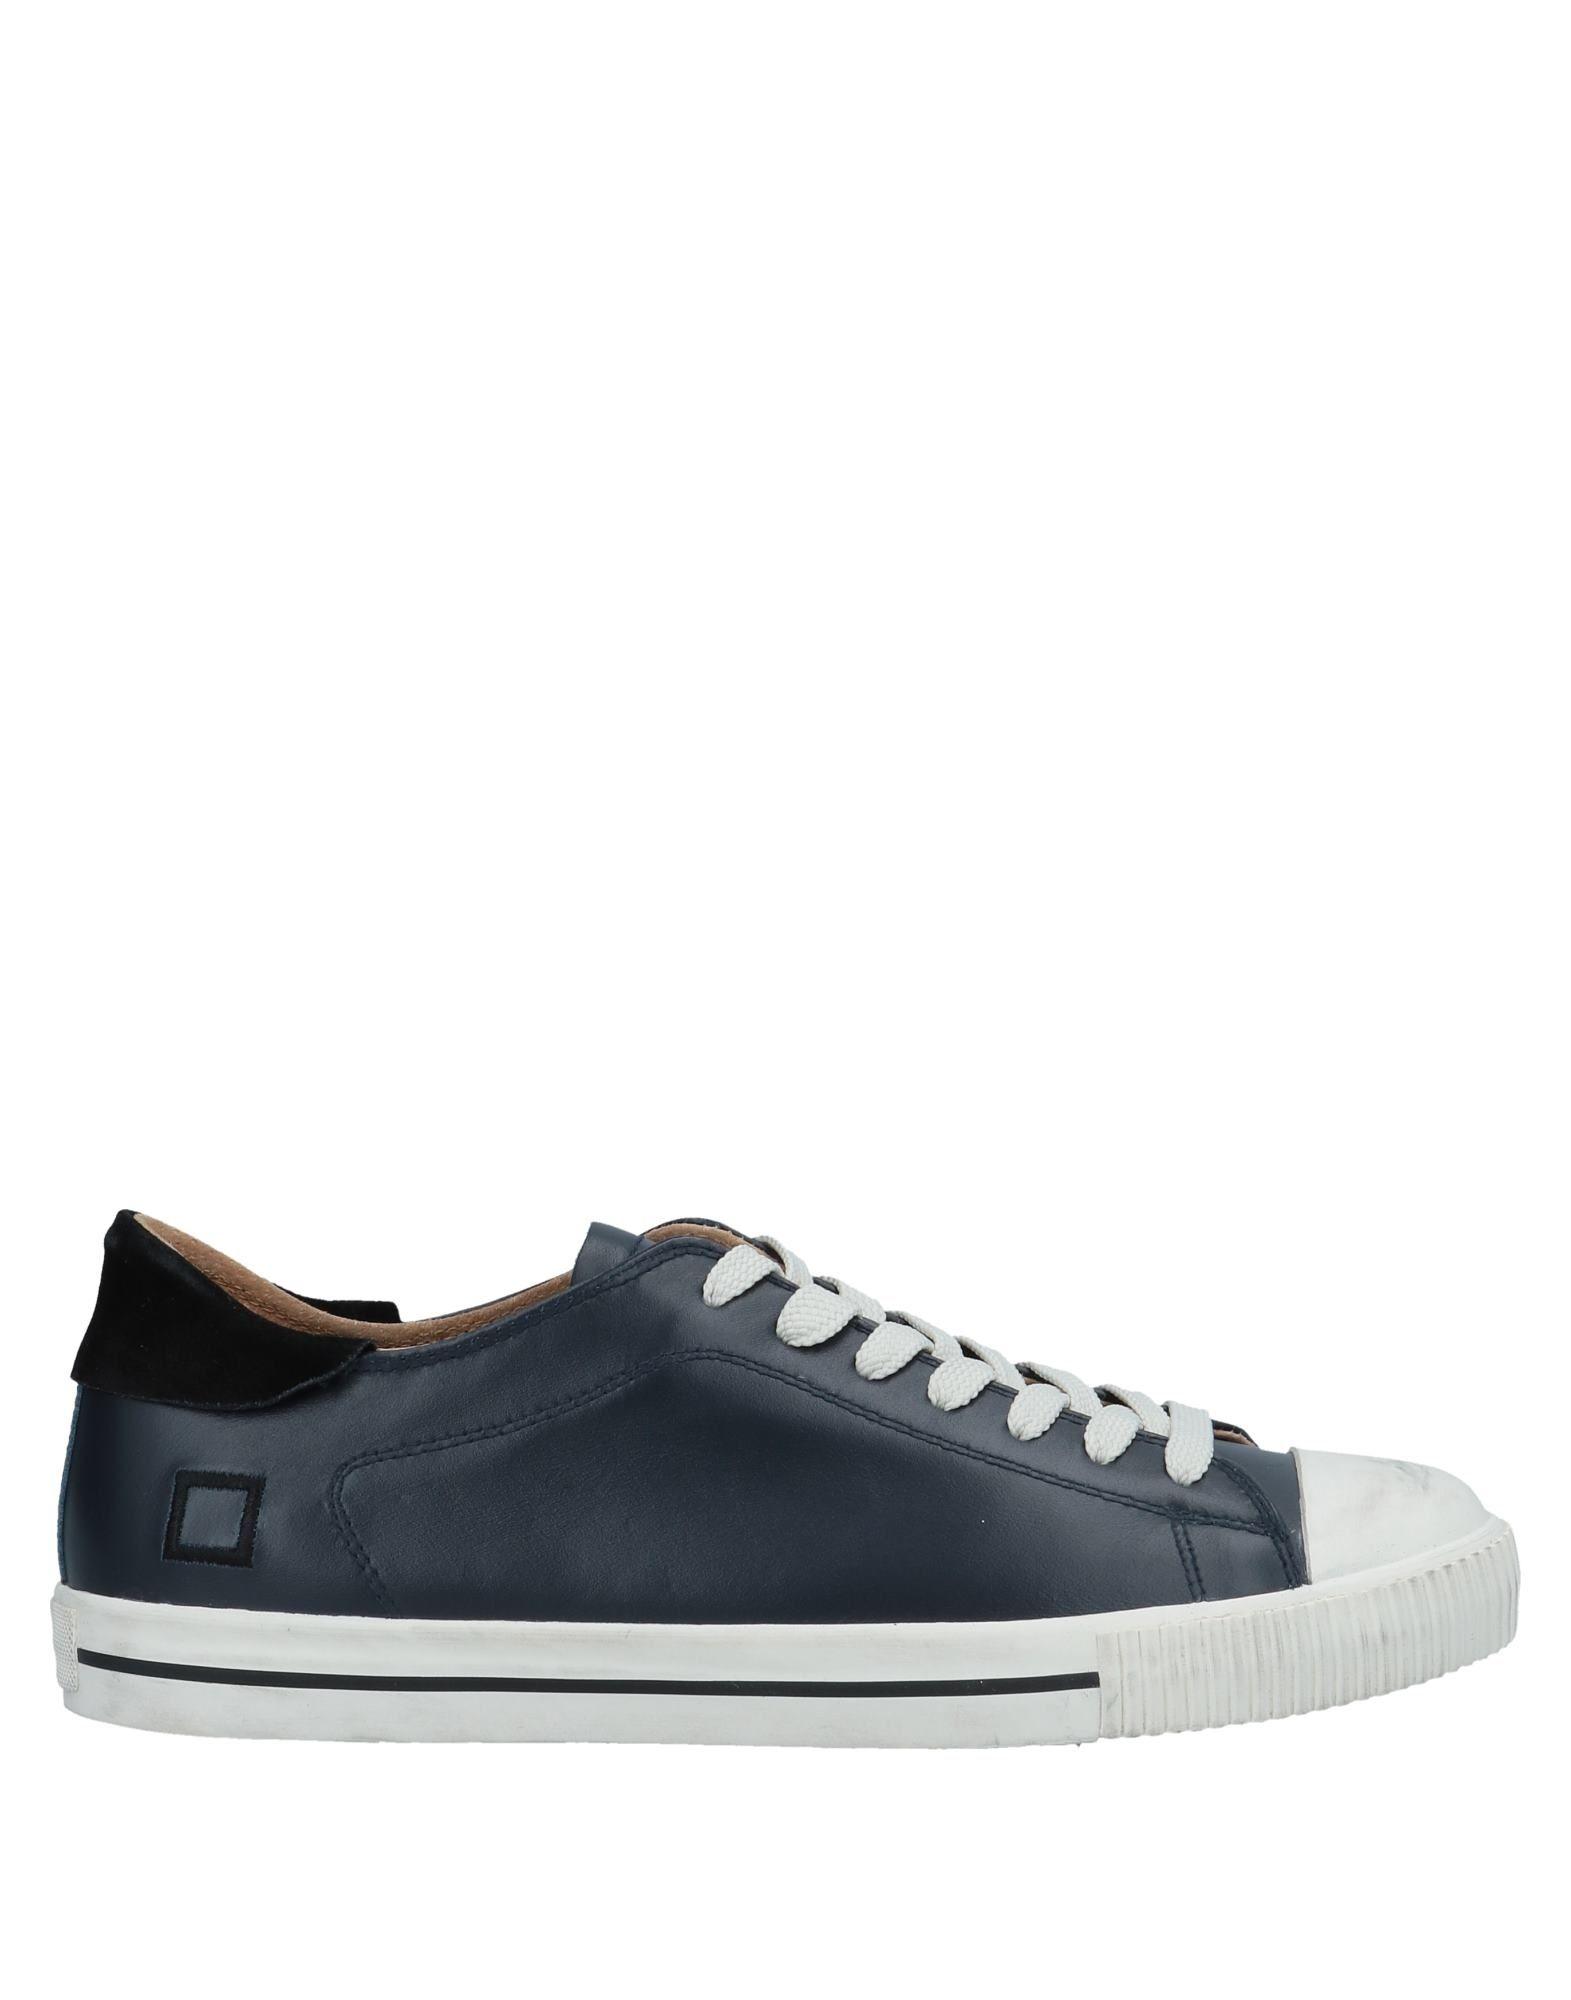 Rabatt D.A.T.E. echte Schuhe D.A.T.E. Rabatt Sneakers Herren  11556645BP 1b047d